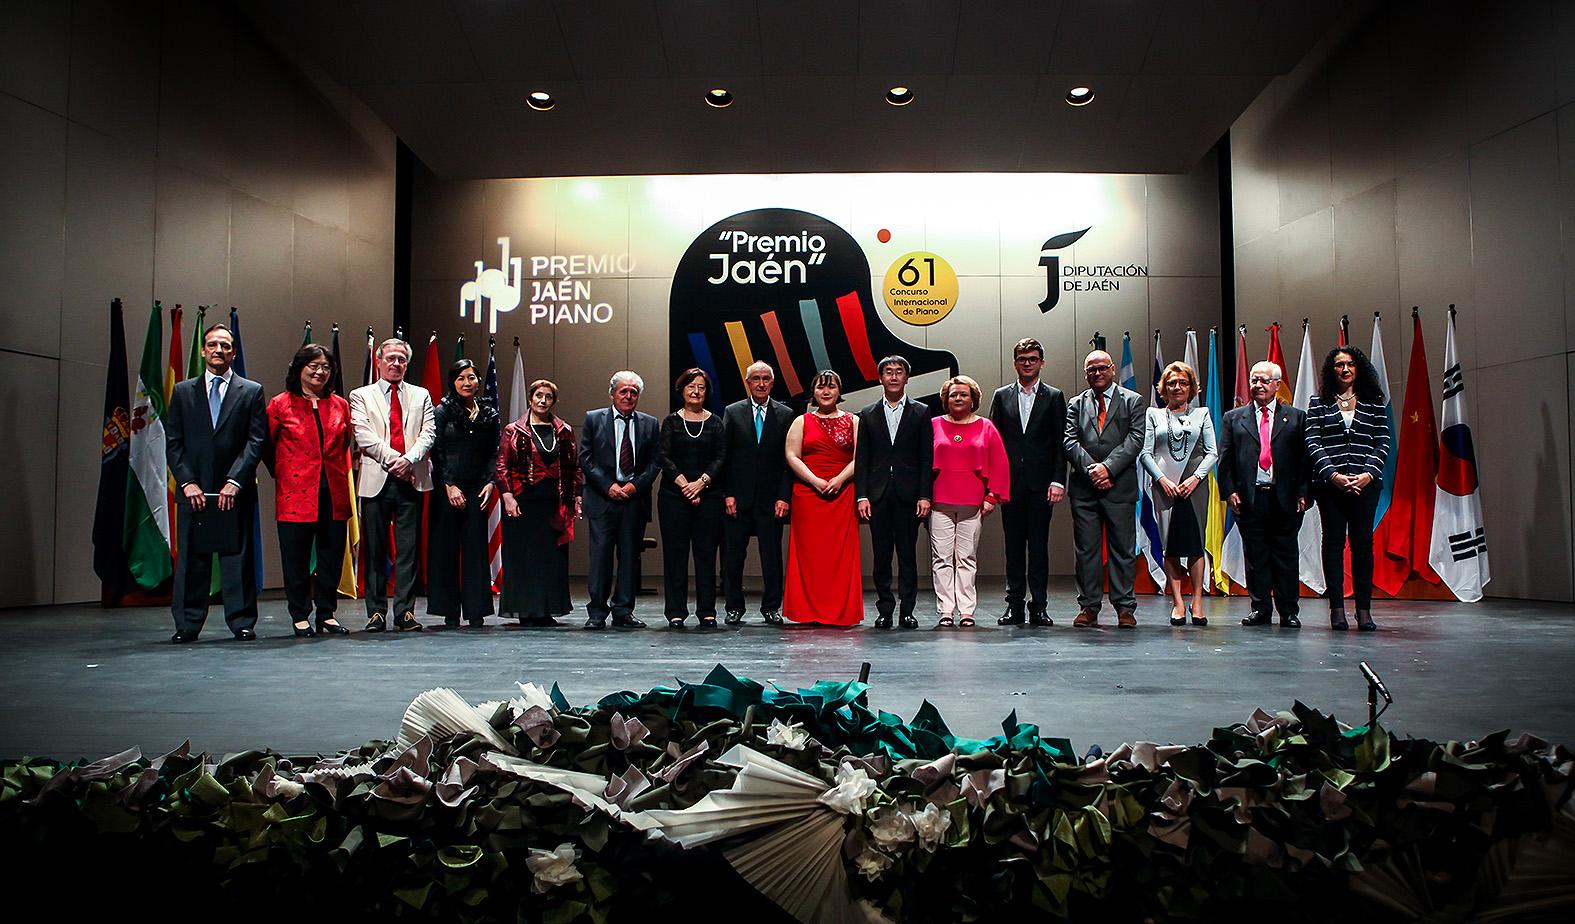 Los premiados con los miembros del Jurado y autoridades